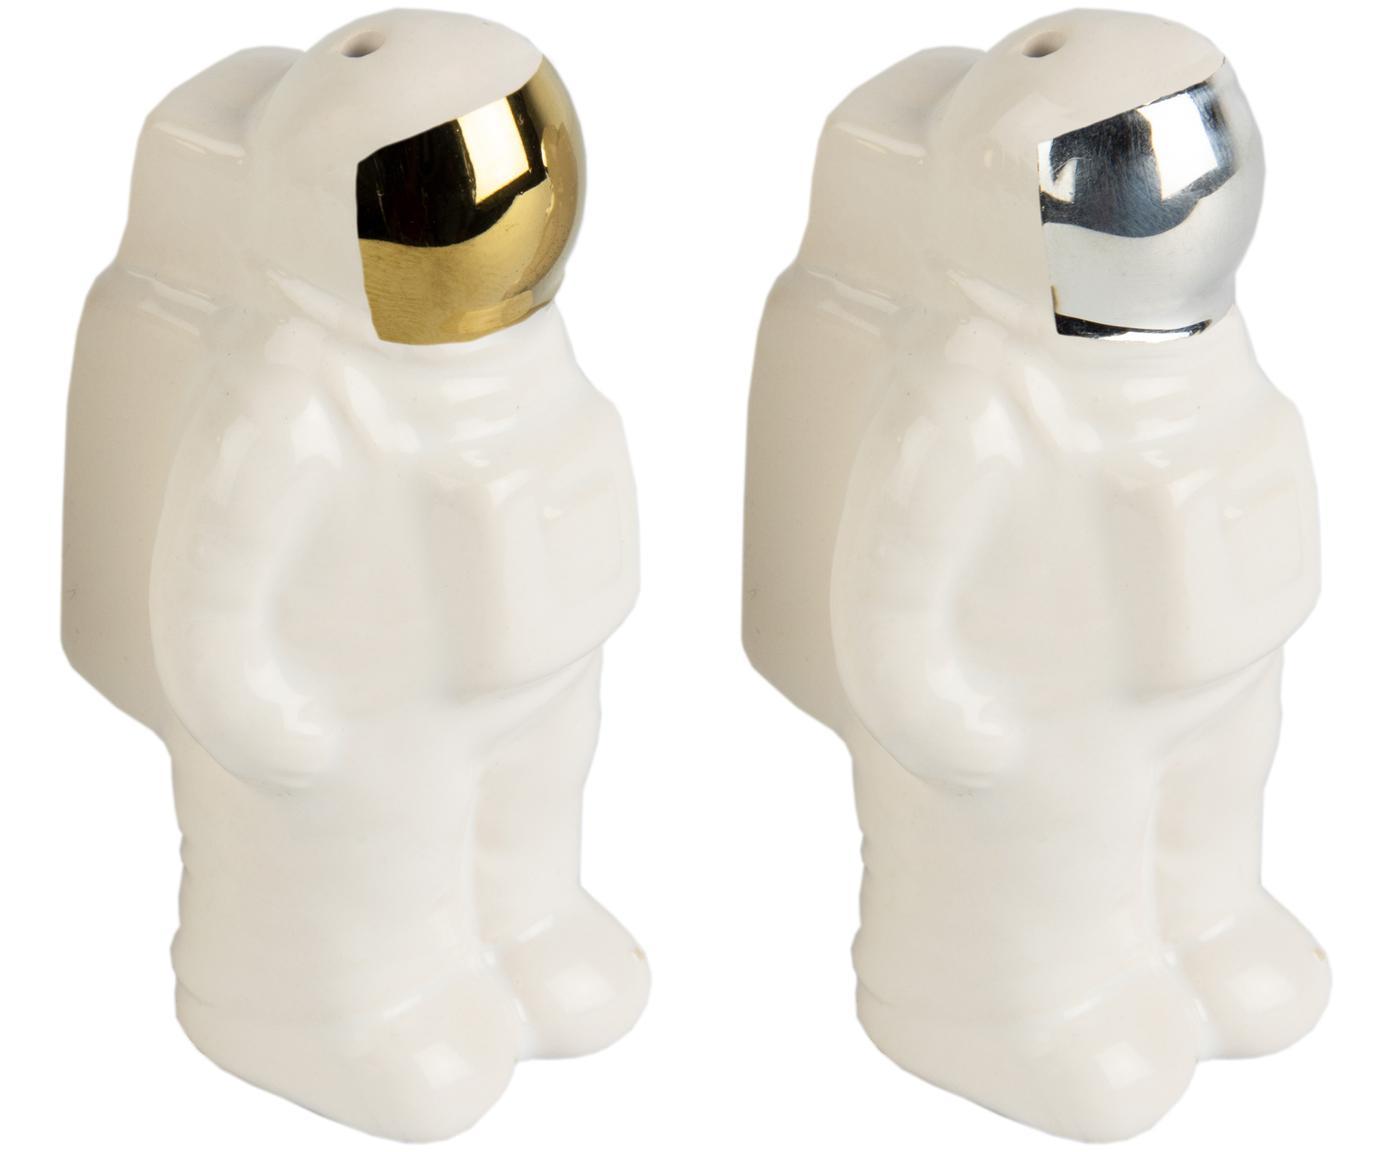 Salz- und Pfefferstreuer Astronaut aus Porzellan in Gold/Silber, 2er-Set, Porzellan, Weiß, Silberfarben, Goldfarben, 6 x 9 cm